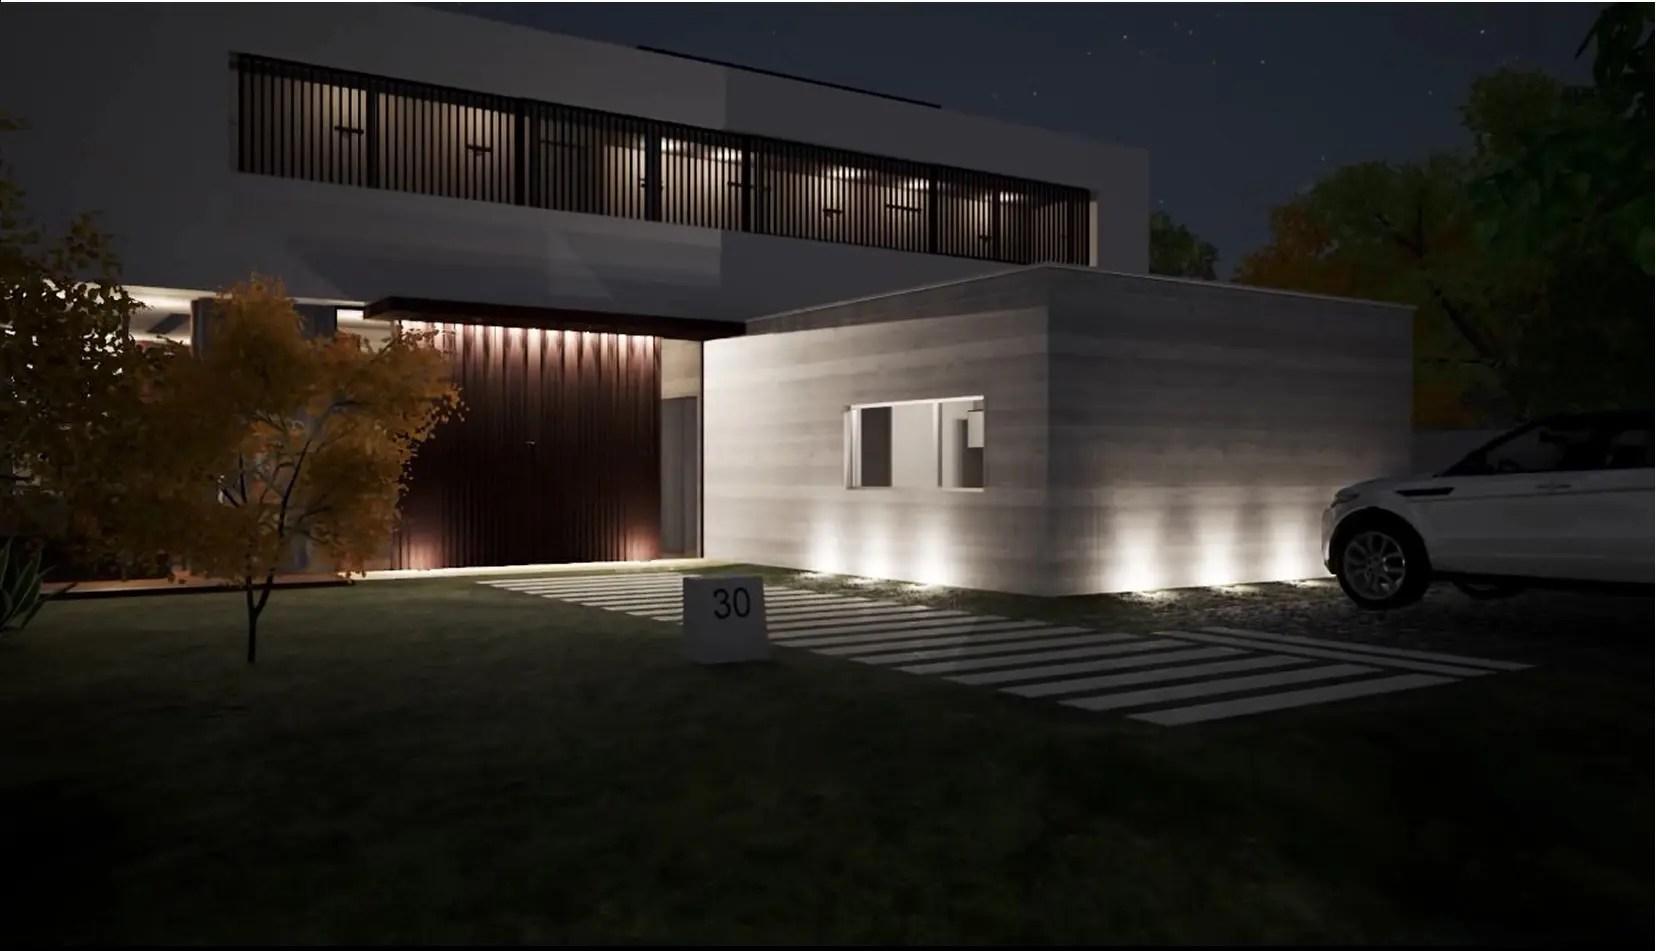 Progettare L'illuminazione Esterna Di Un Edificio Con Un